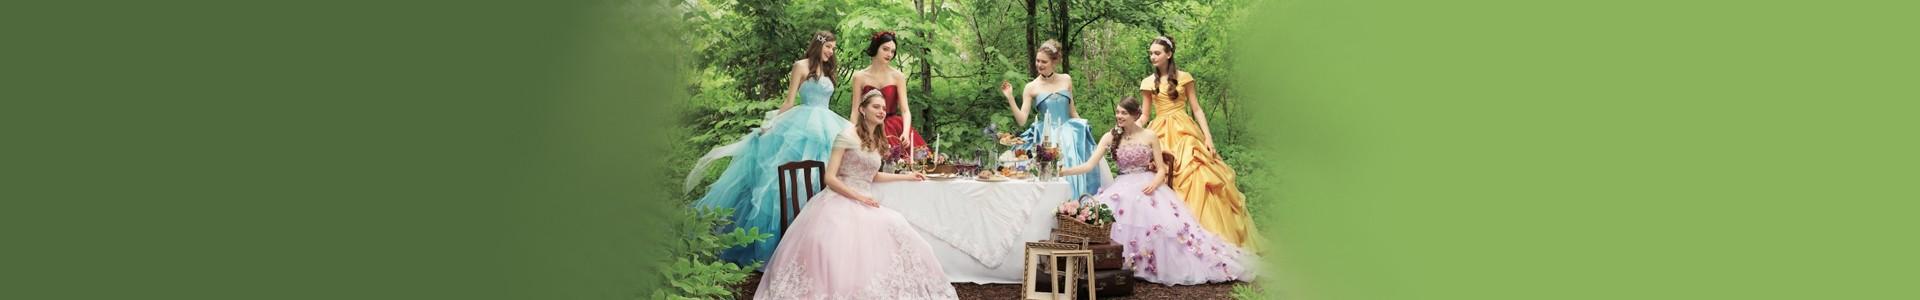 9 vestidos maravilhosos de casamento inspirados nas princesas da Disney